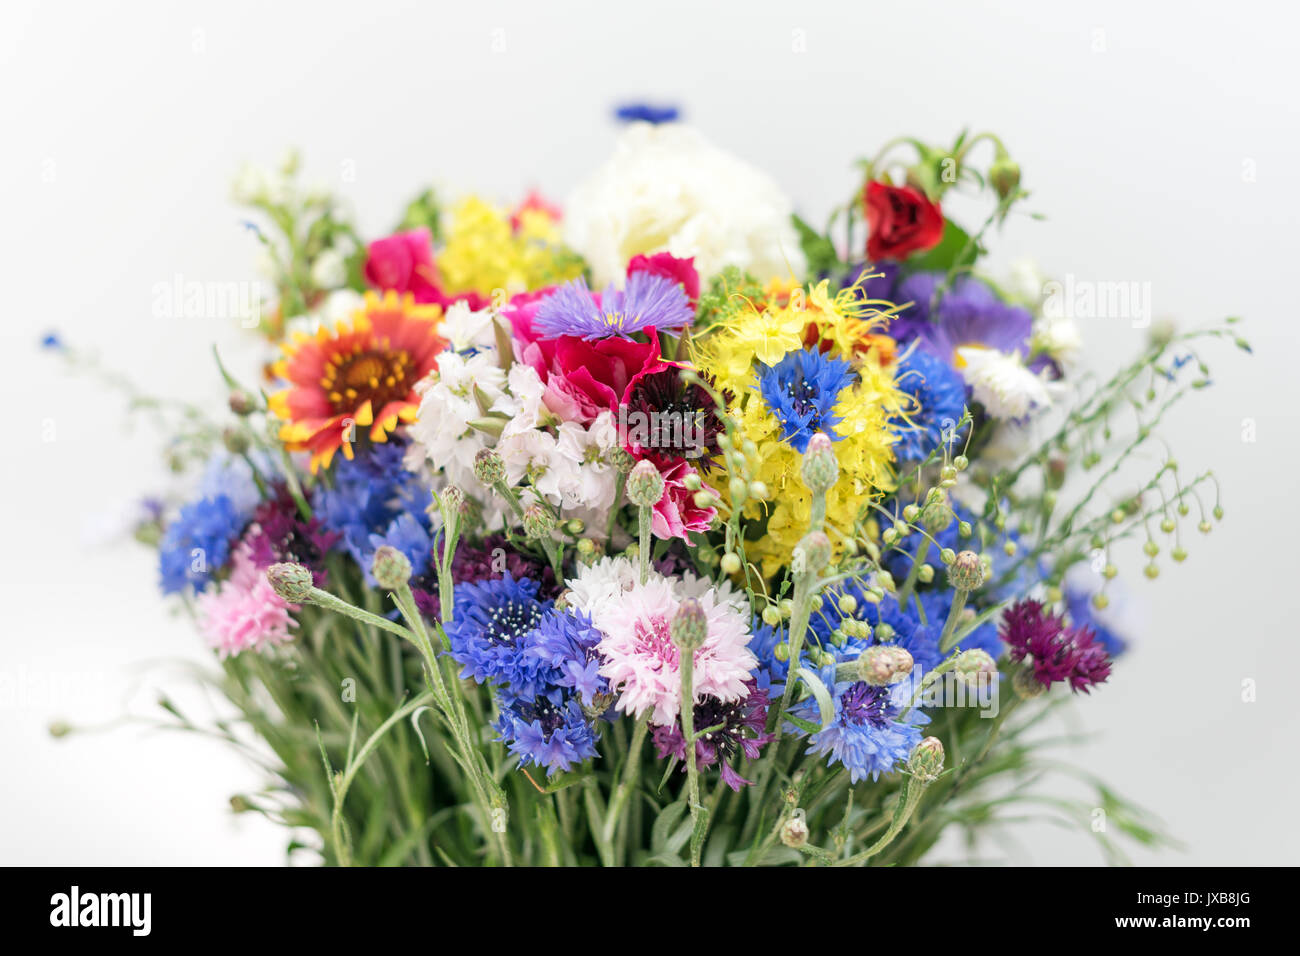 Bouquet de fleurs sauvages bouquet de fleurs et herbes sauvages sur le terrain banque d 39 images - Bouquet de fleurs sauvages ...